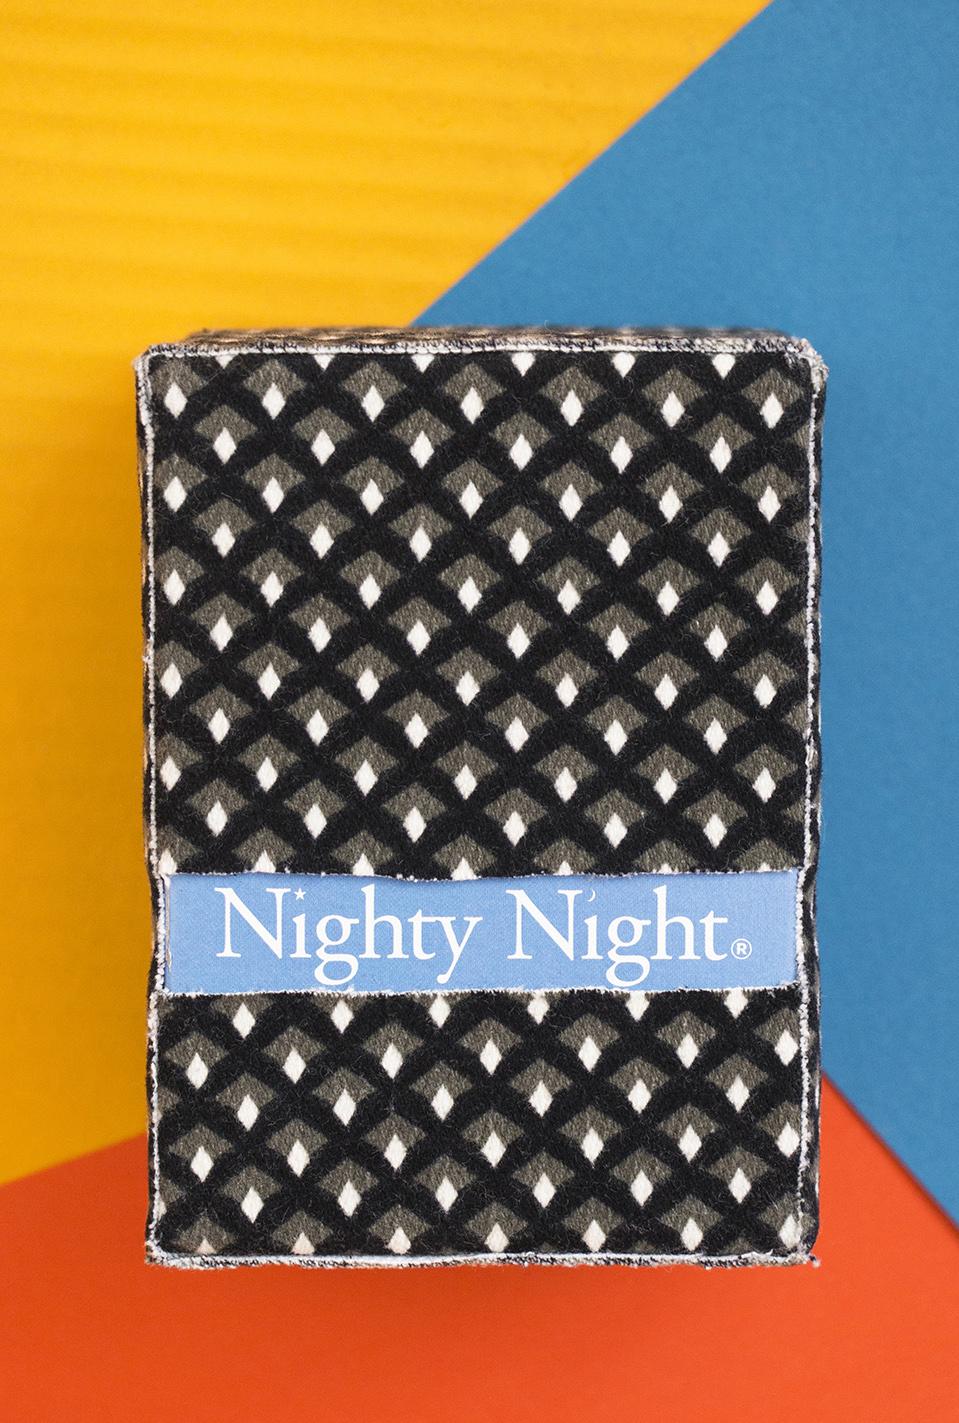 nightynight.jpg